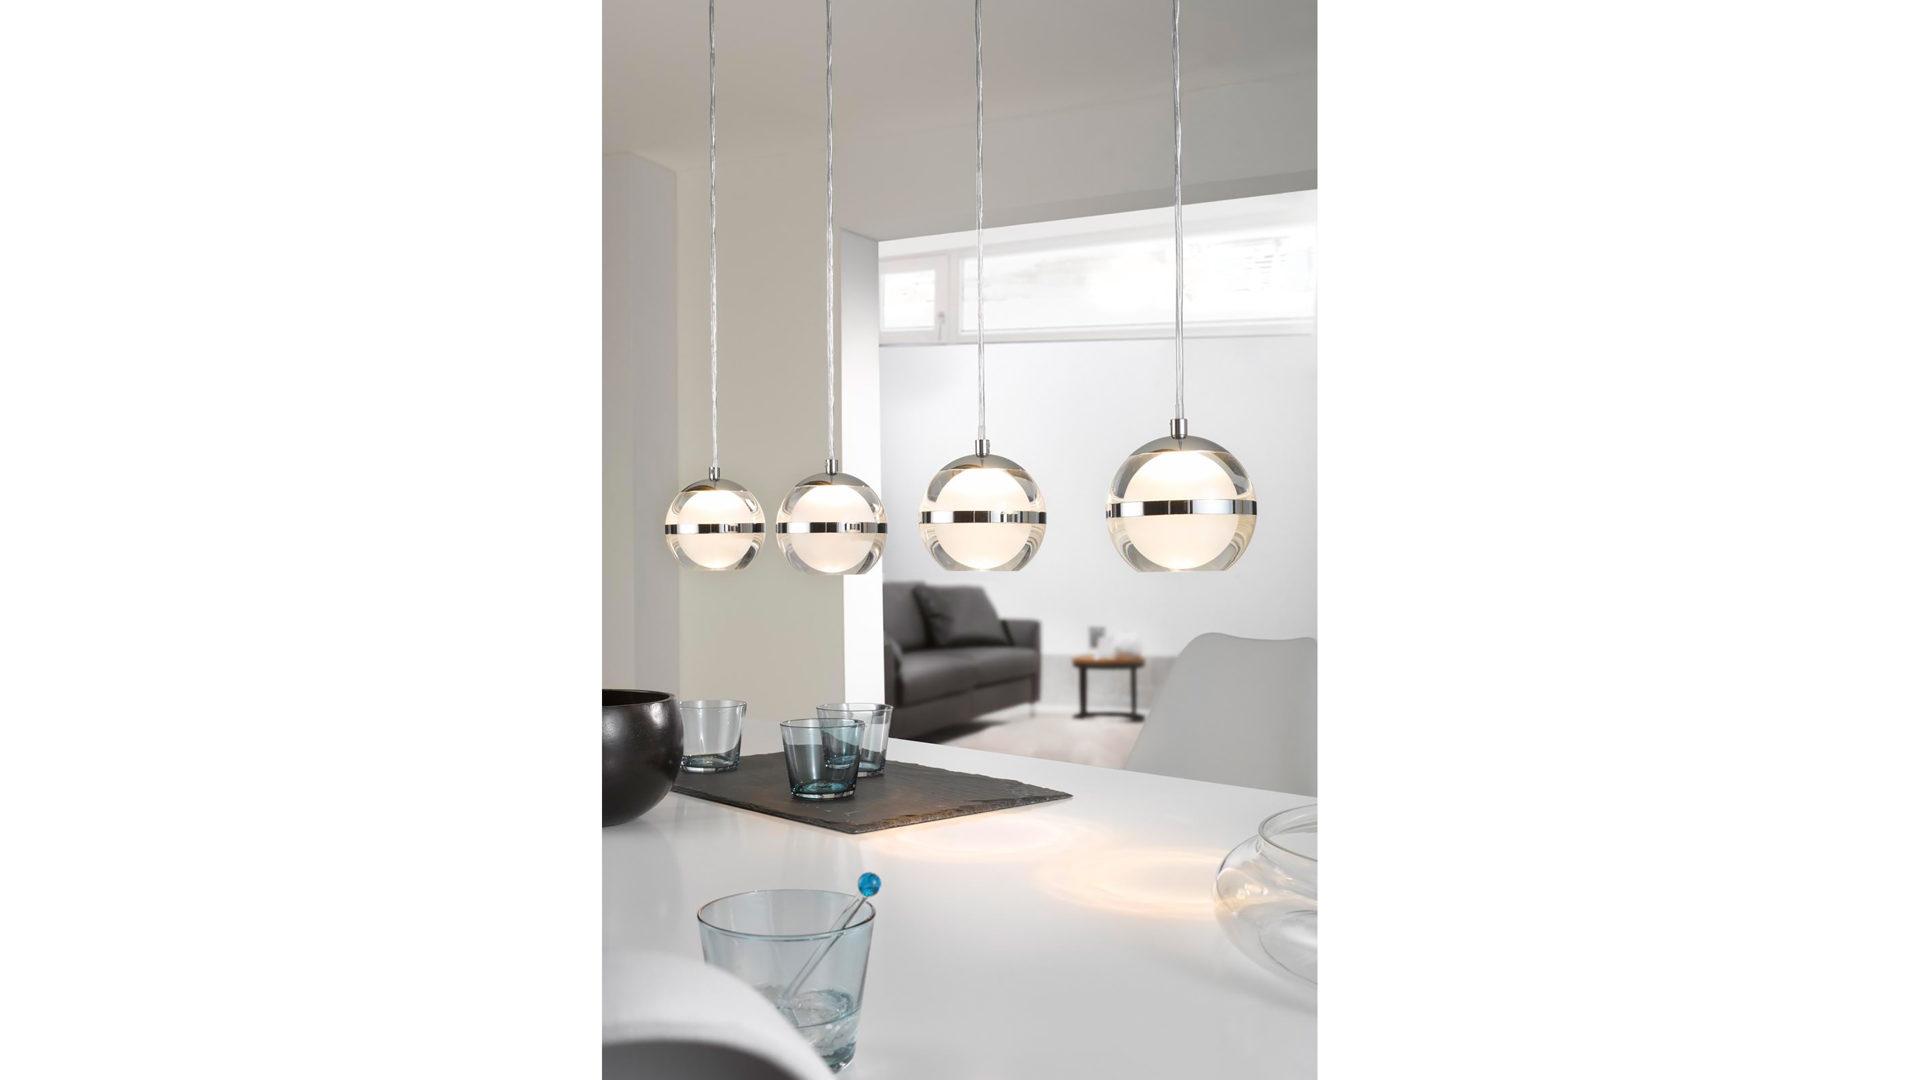 Bbm Parchim Raume Esszimmer Lampen Leuchten Led Pendelleuchte